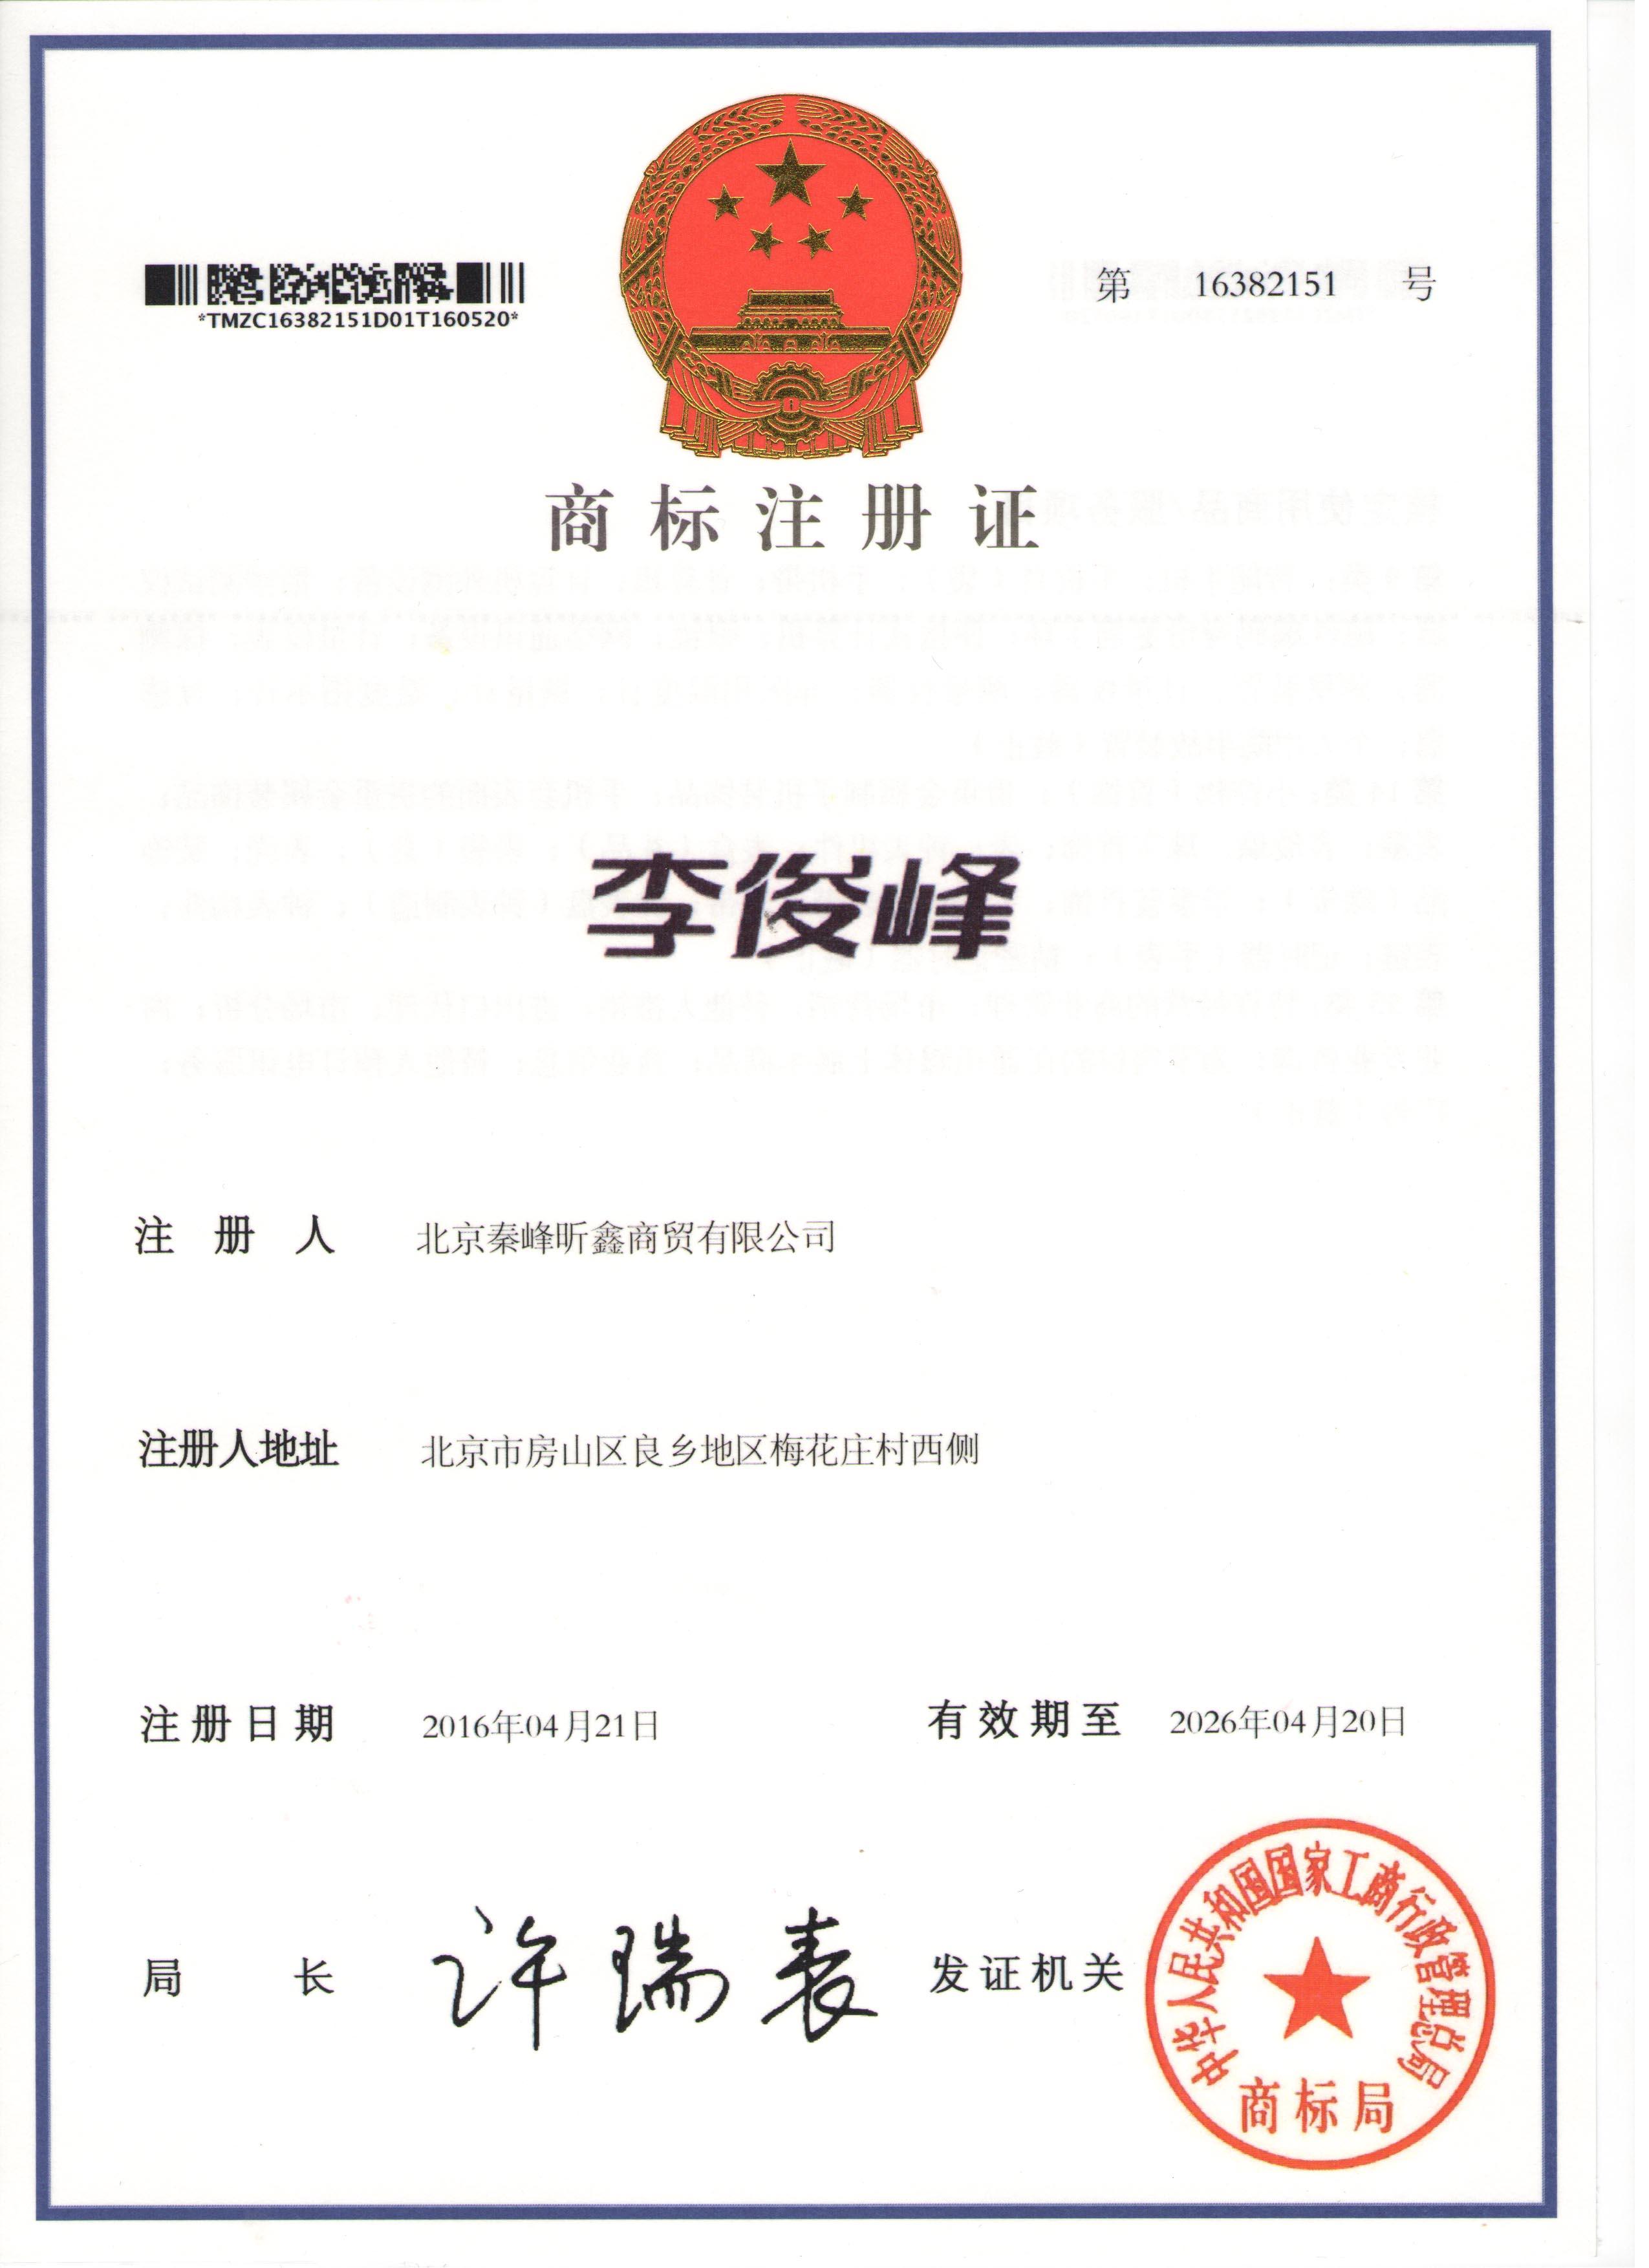 李俊峰商标注册证